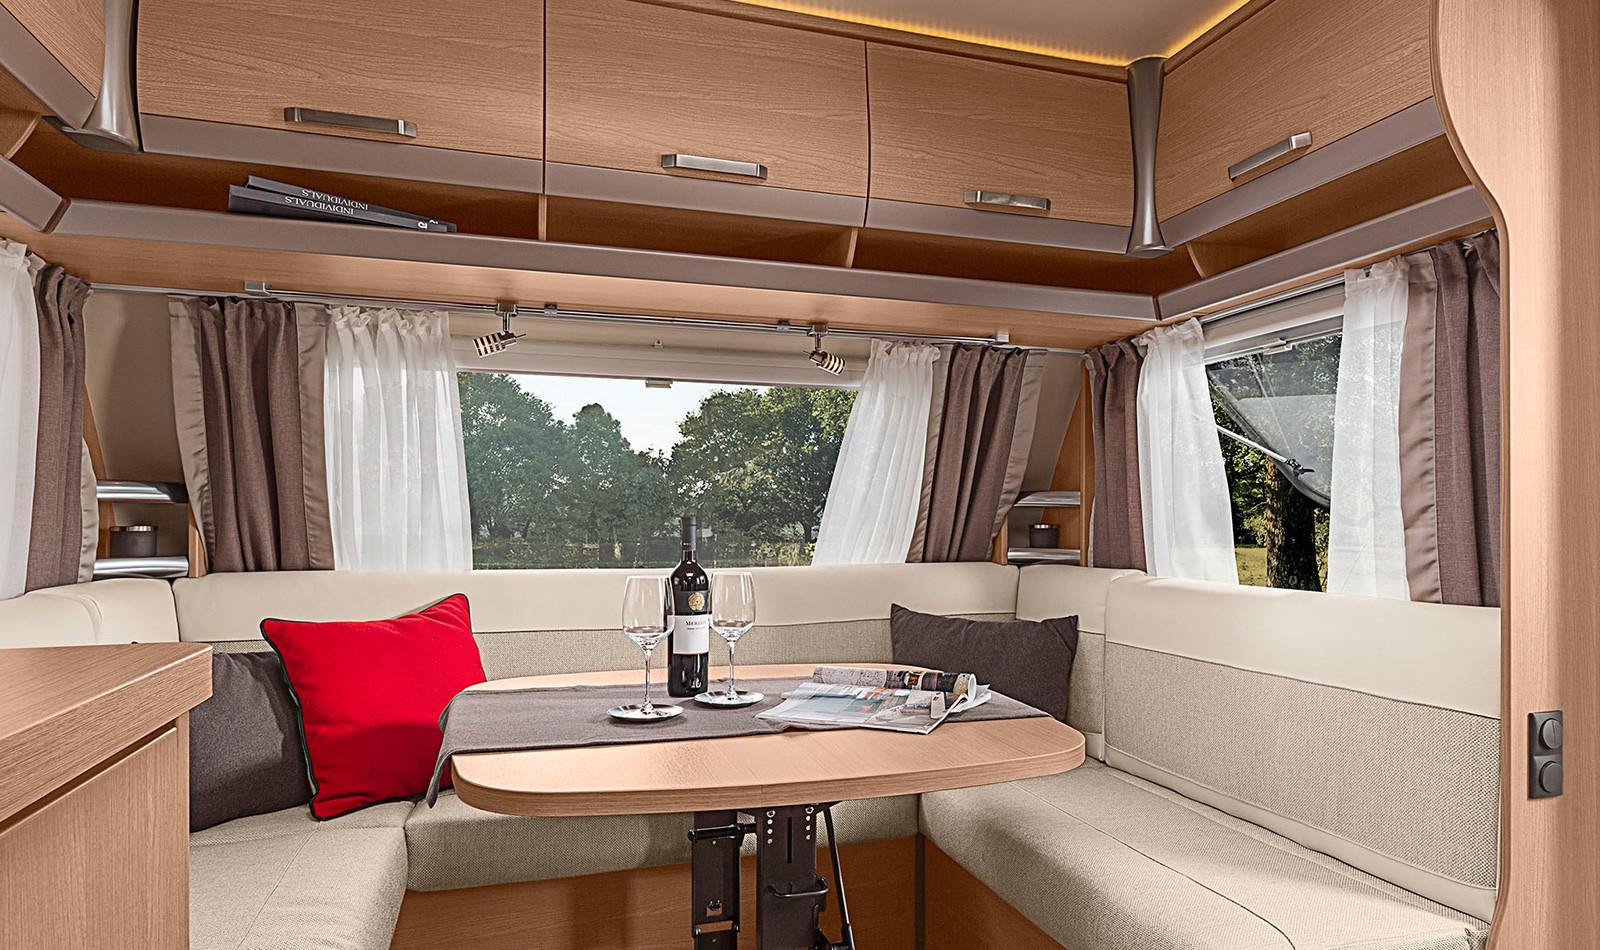 KNAUS SPORT Interieur   Der Allzweck-Caravan von innen